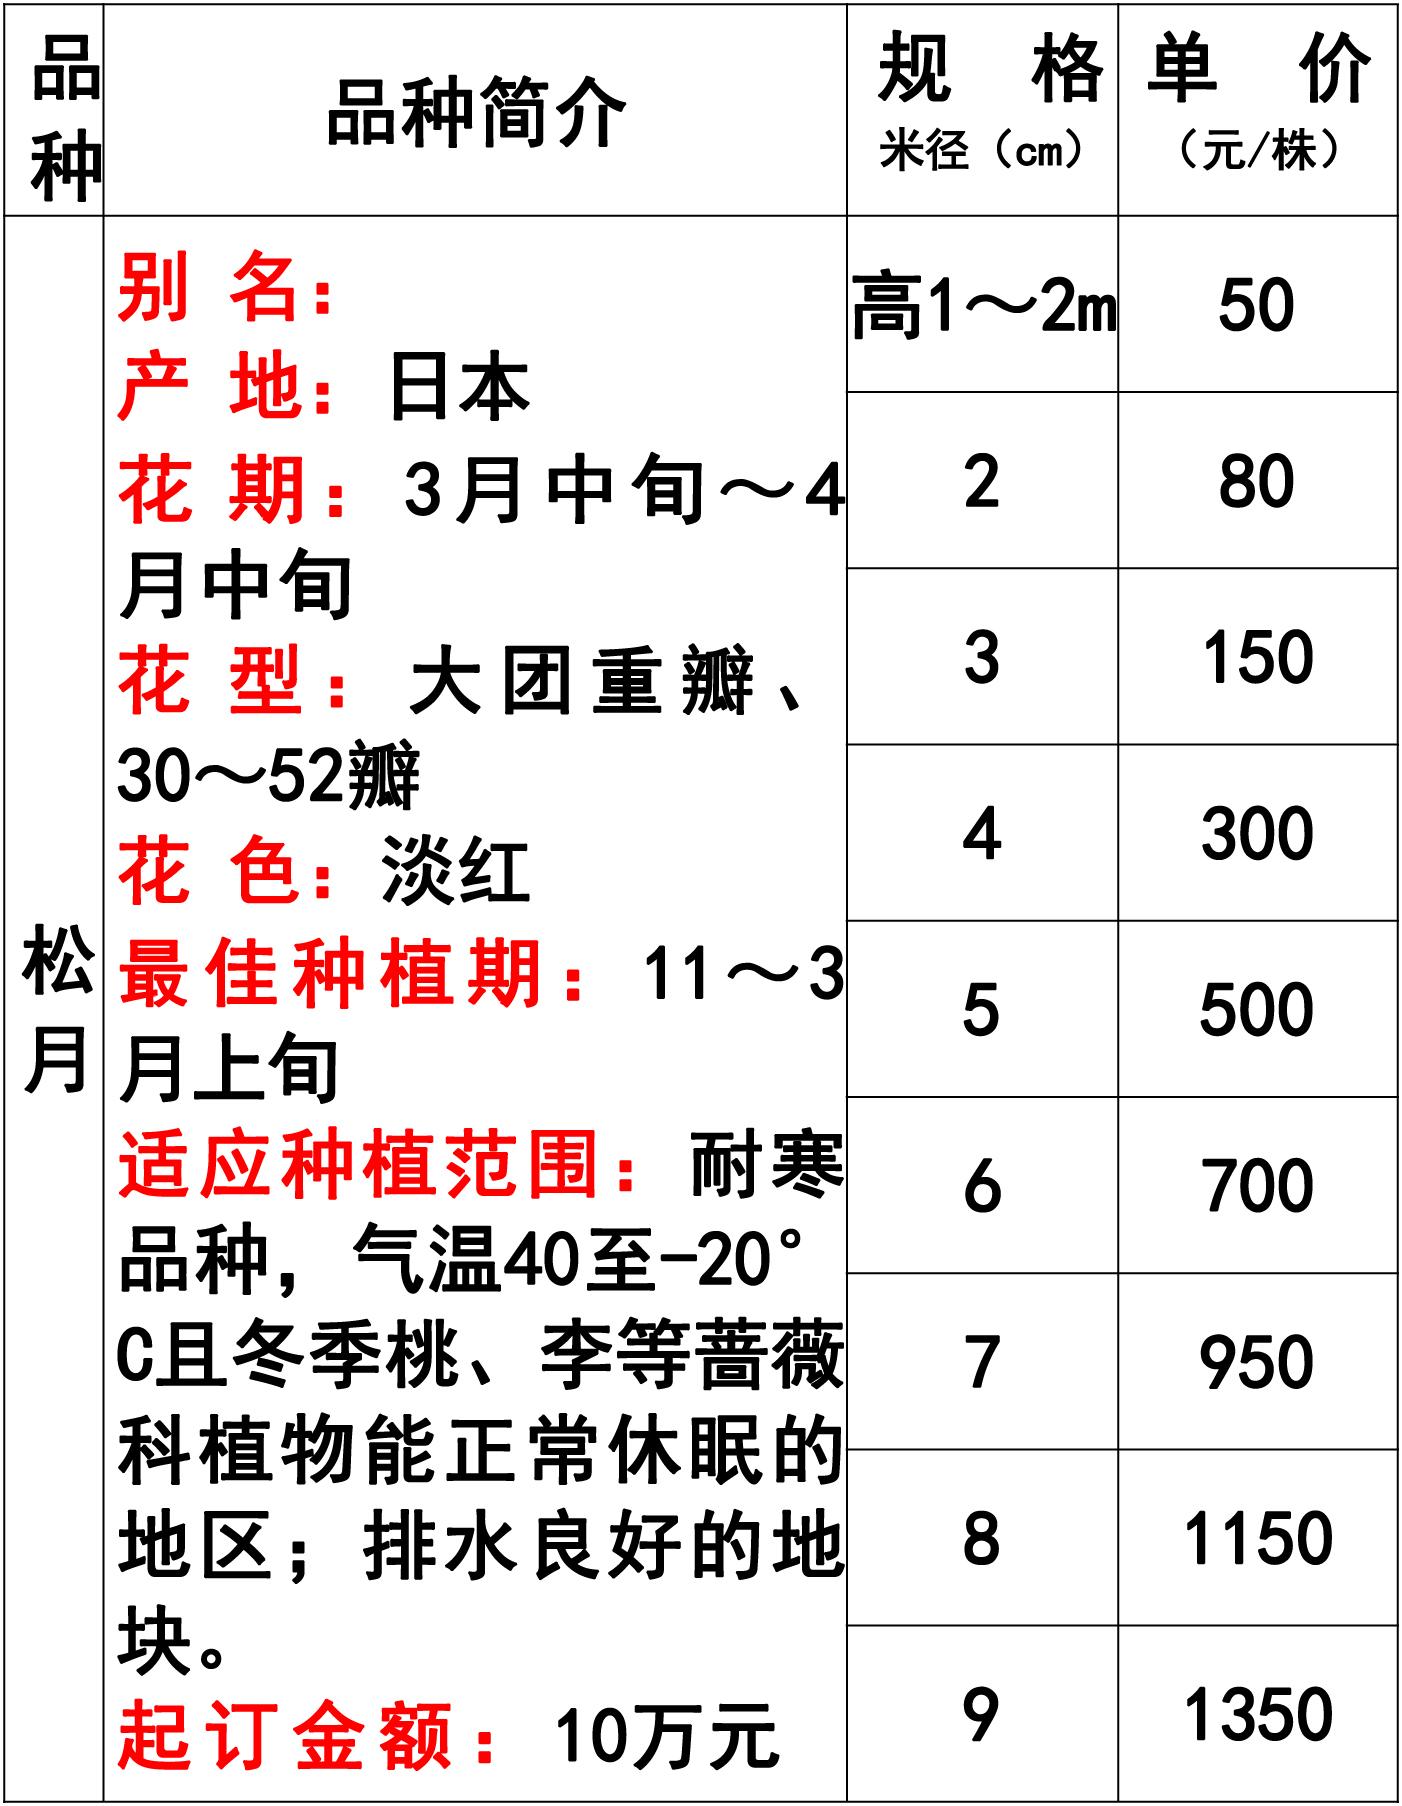 网站价格表-29 副本.jpg